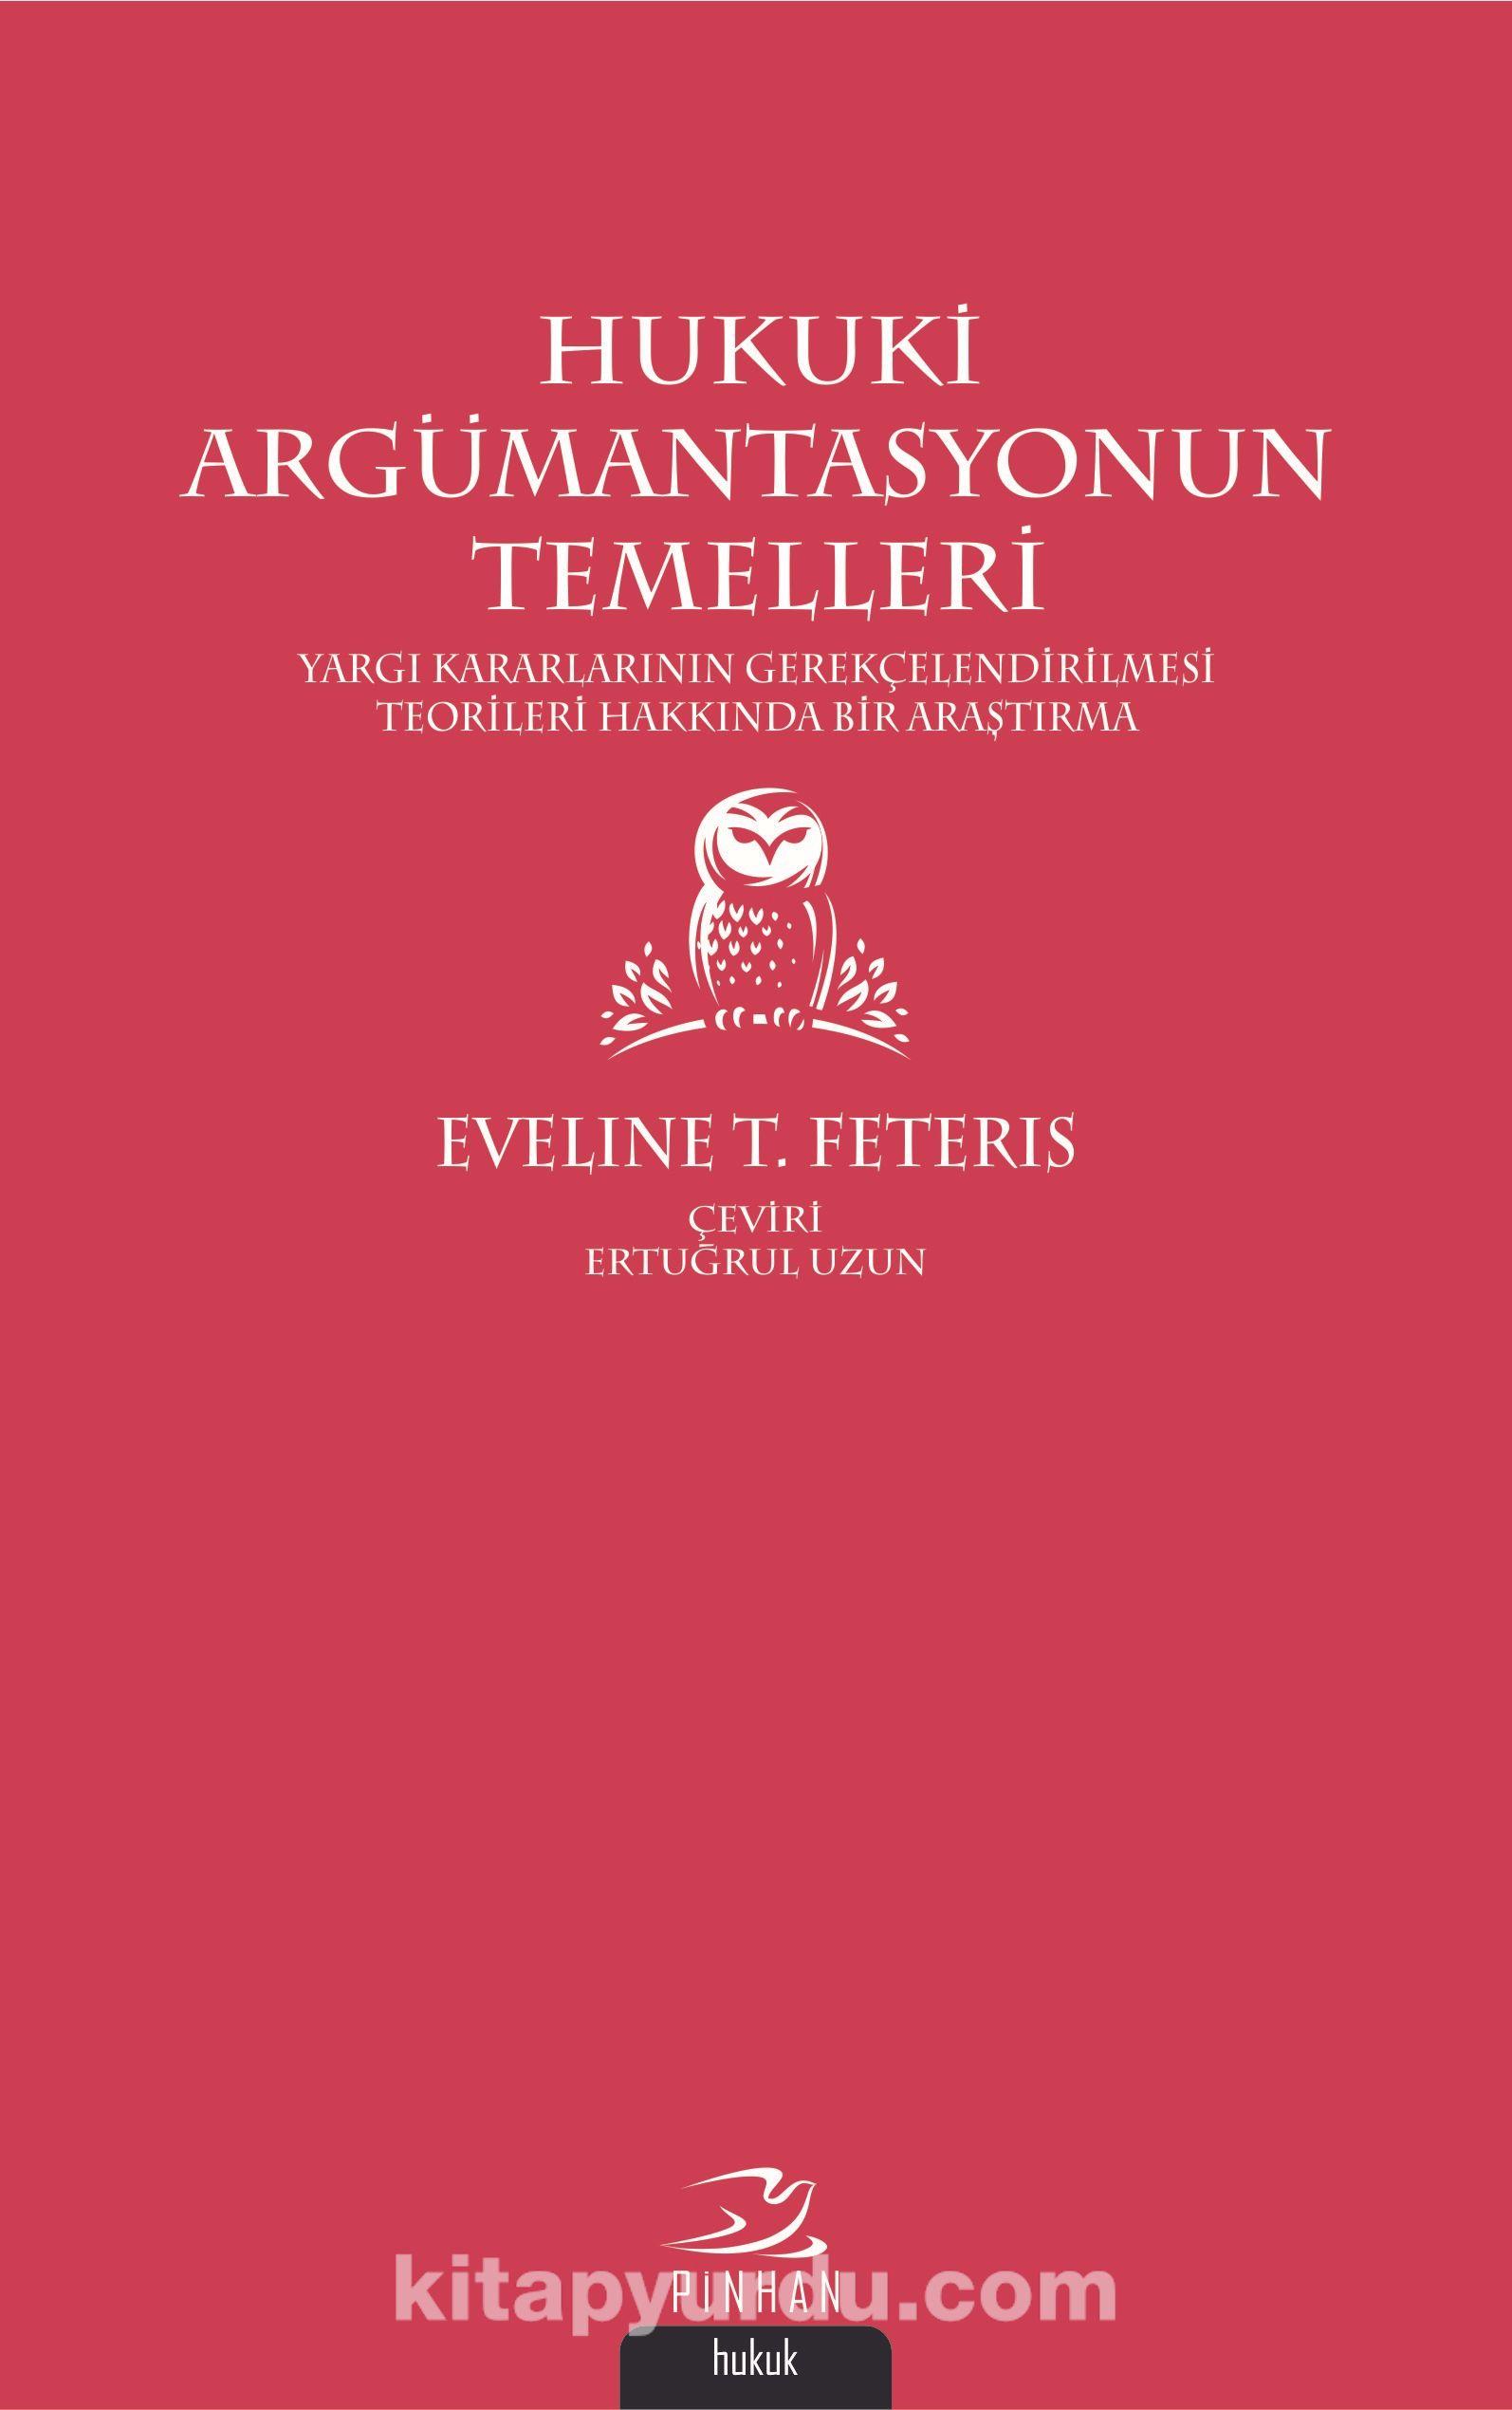 Hukuki Argümantasyonun TemelleriYargı Kararlarının Gerekçelendirilmesi Teorileri Hakkında Bir Araştırma - Eveline T. Feteris pdf epub